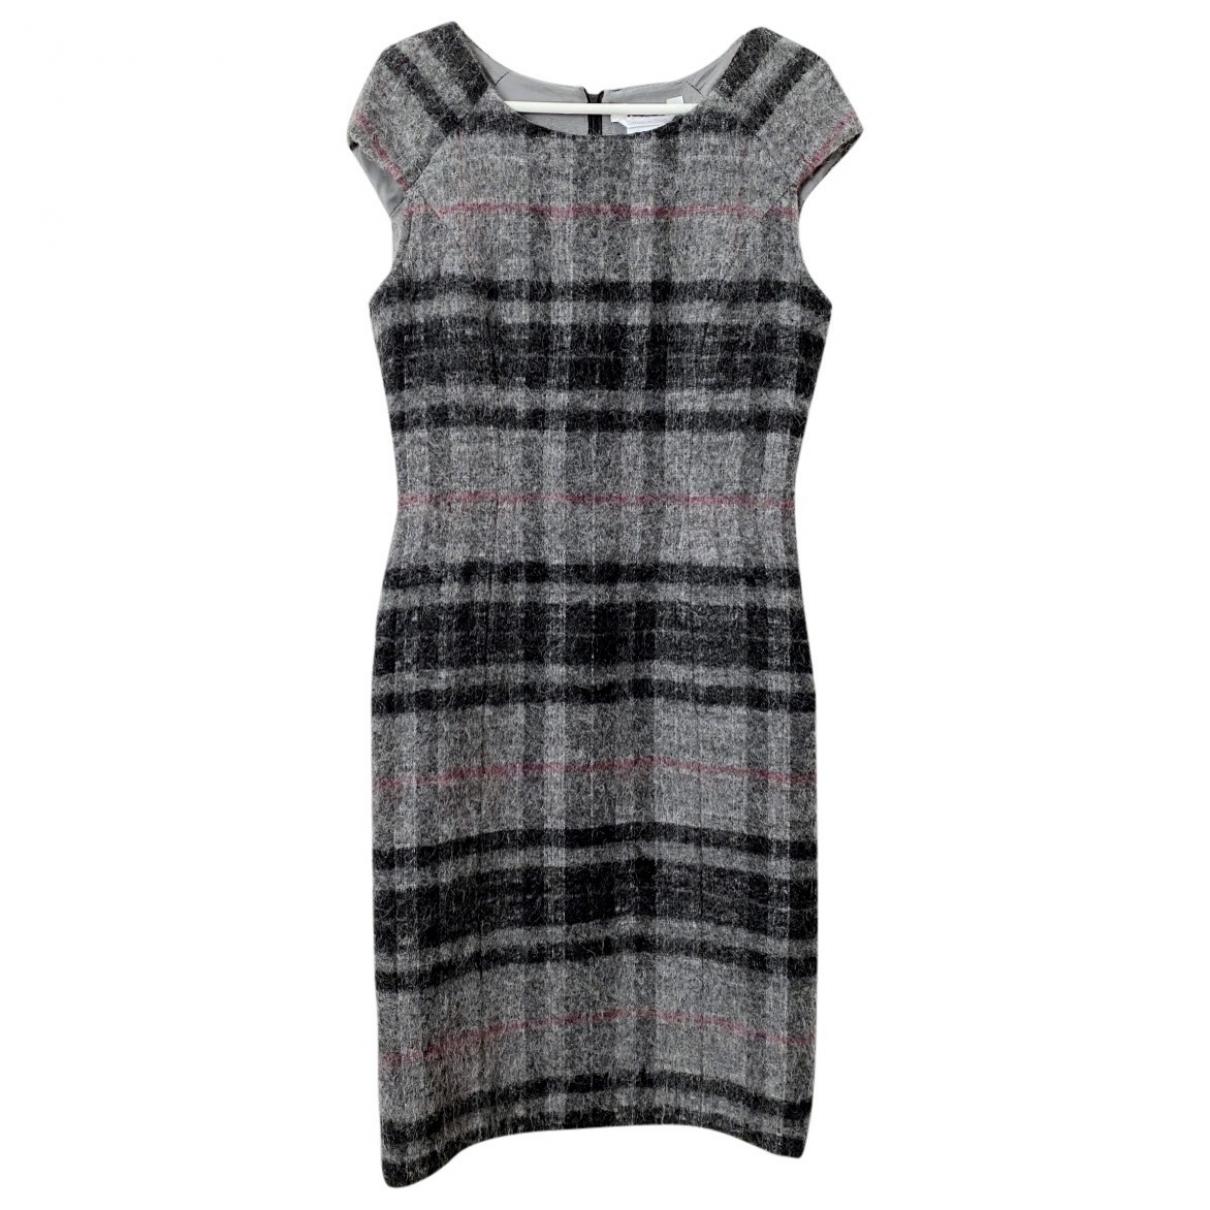 Max Mara \N Kleid in  Bunt Wolle